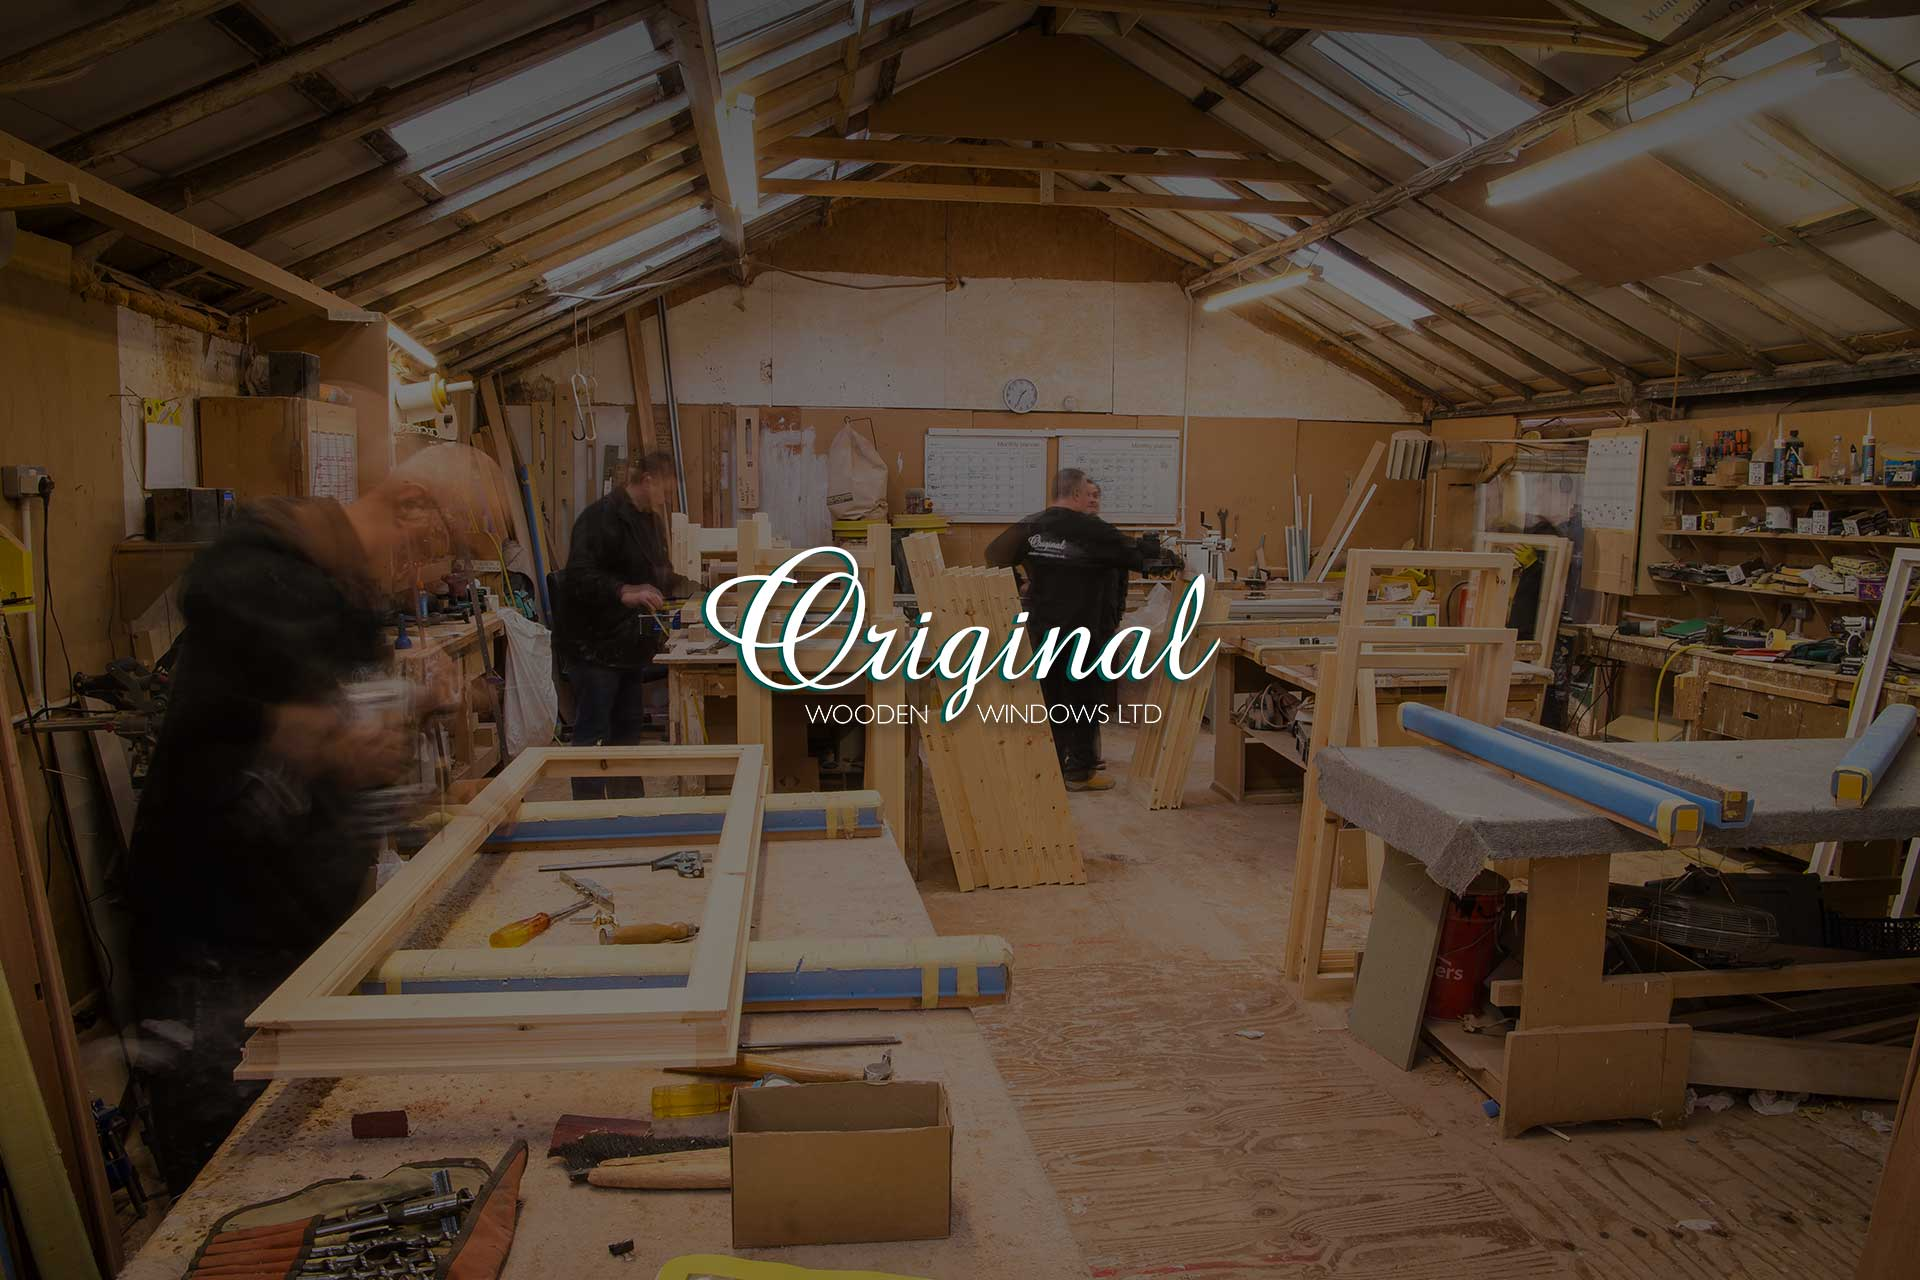 Orginal Wooden Windows LTD banner image